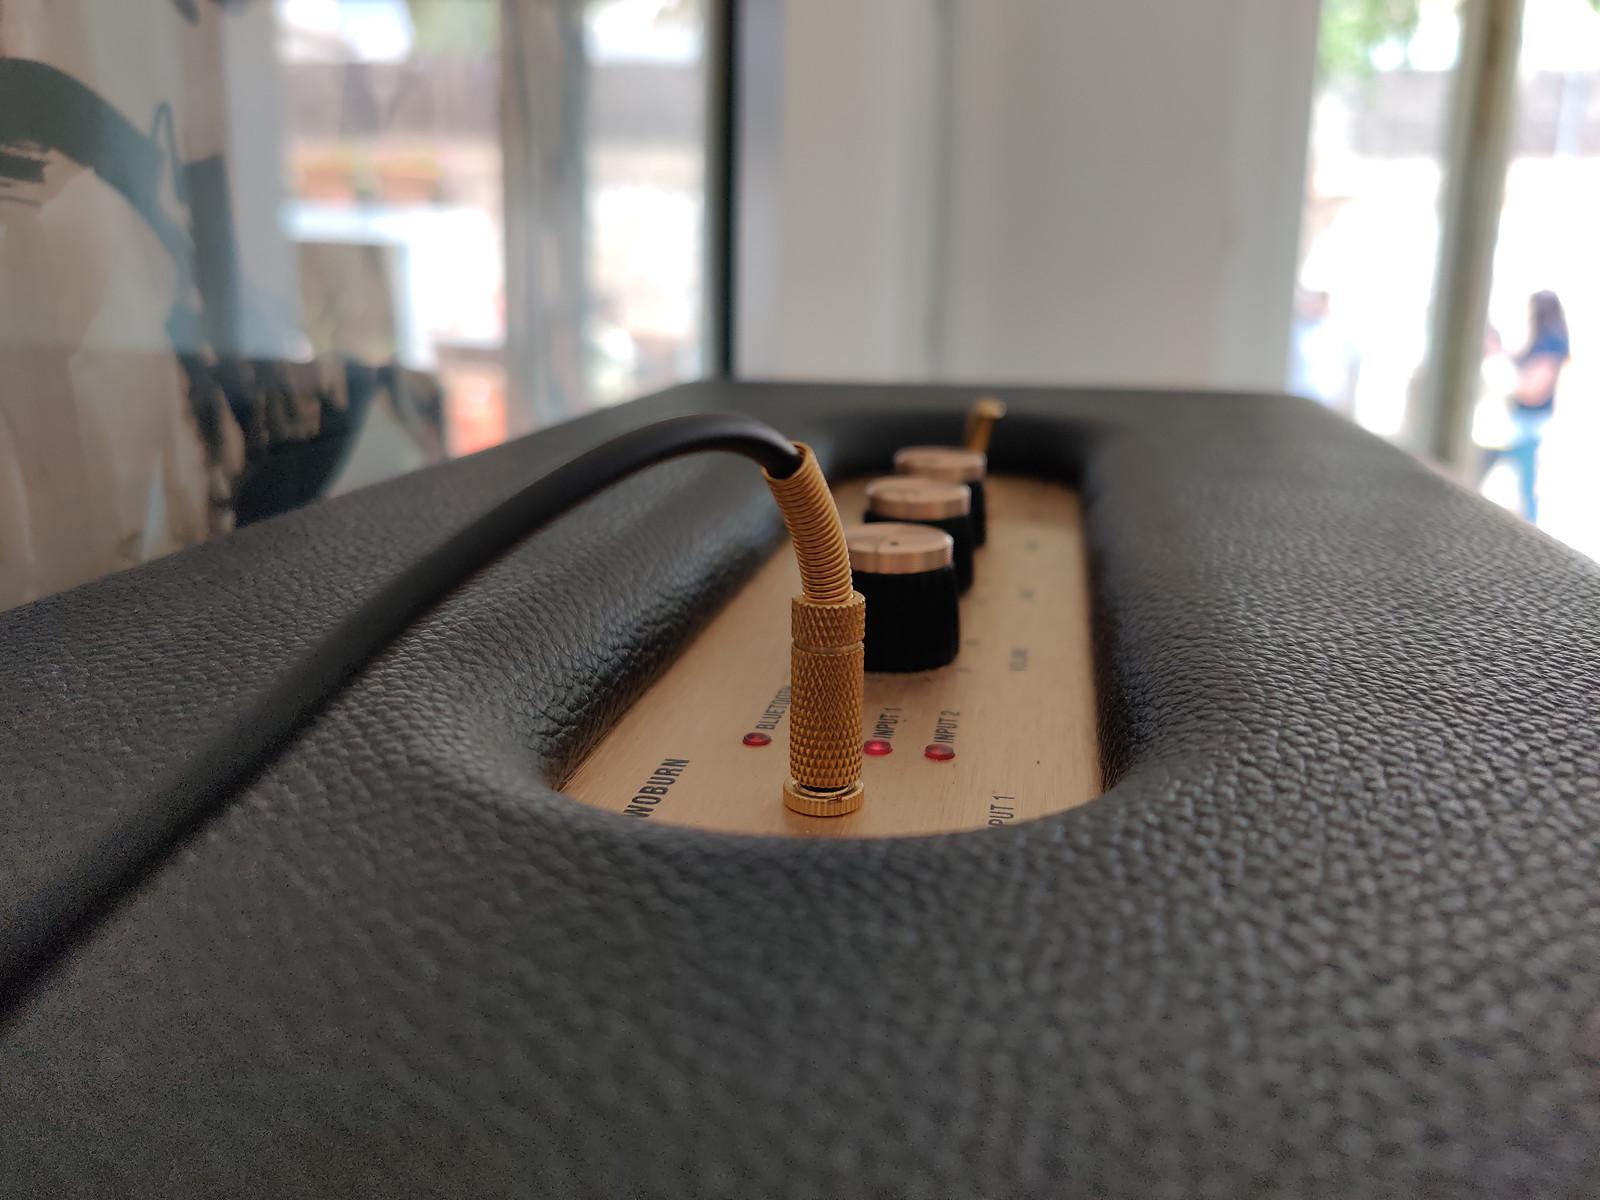 Foto de OnePlus 7, galería fotográfica (15/52)